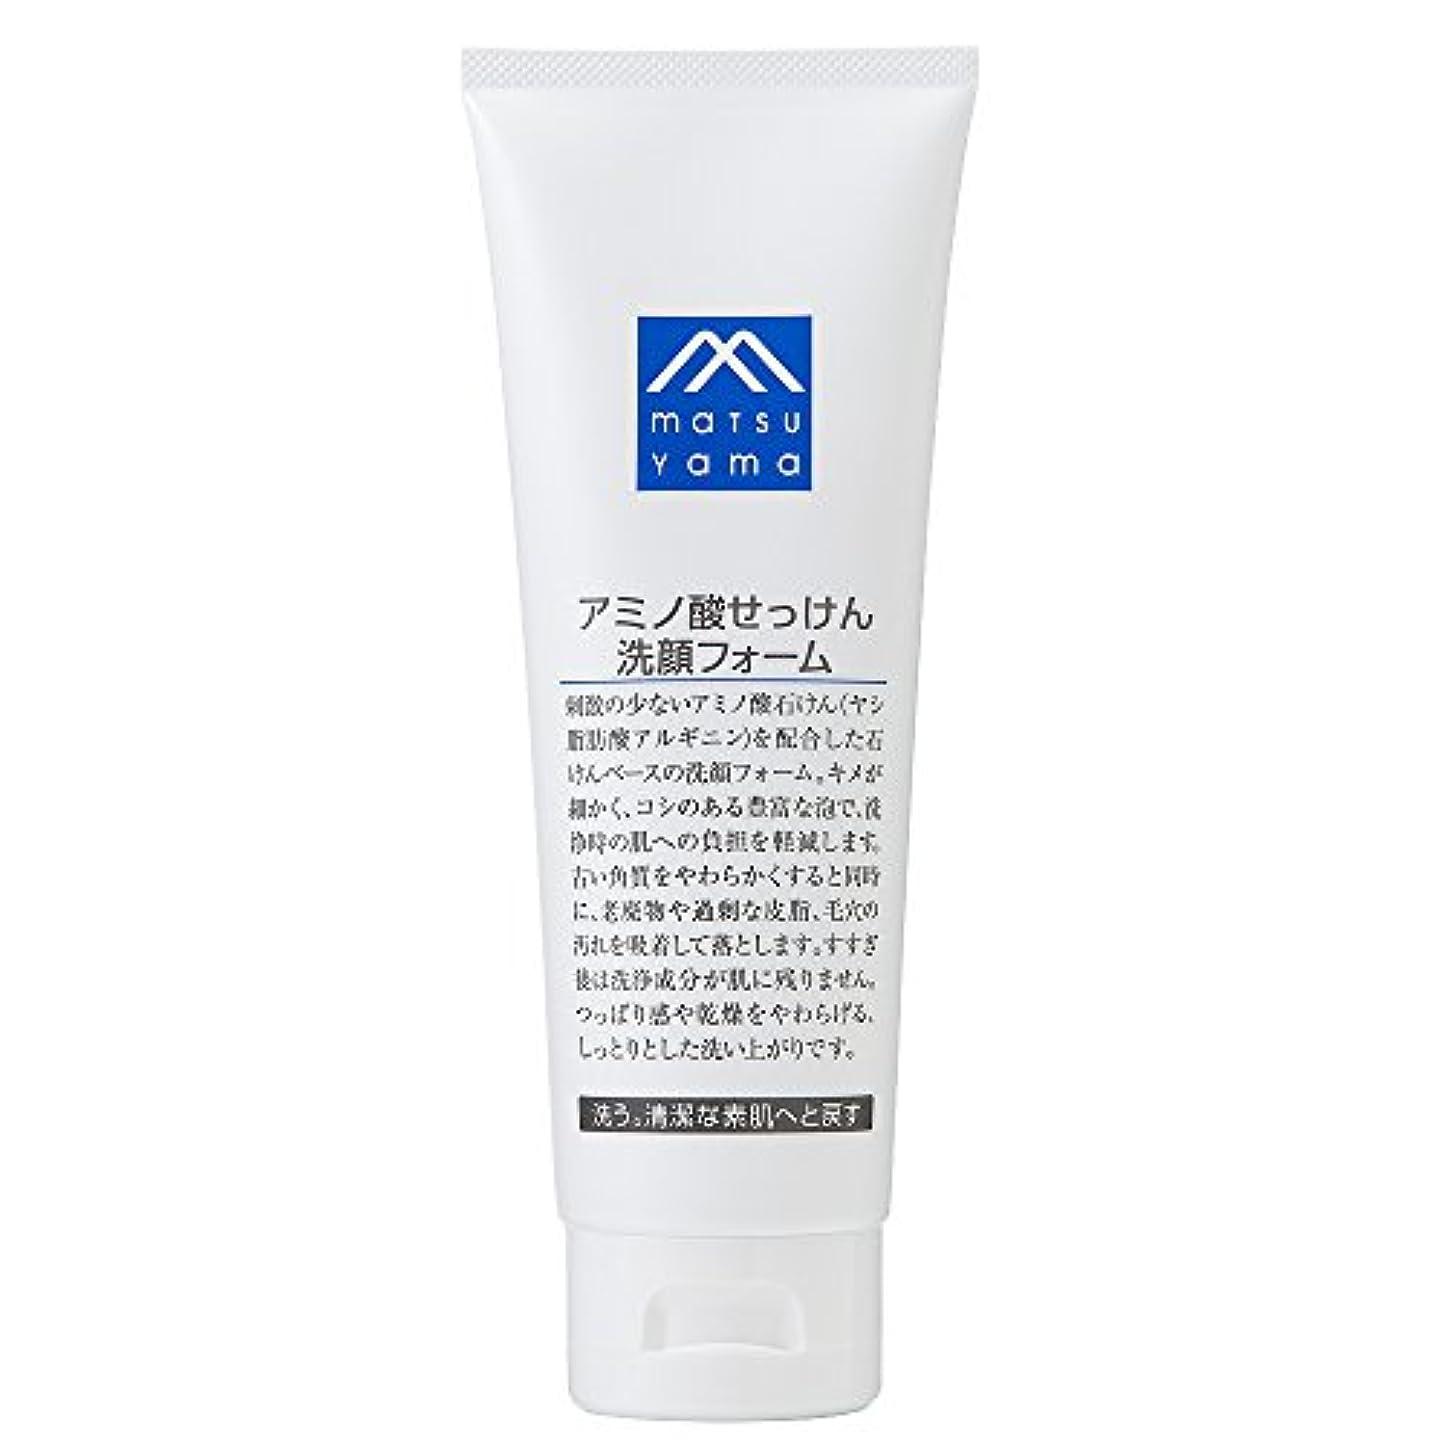 穿孔するペグ中性M-mark アミノ酸せっけん洗顔フォーム